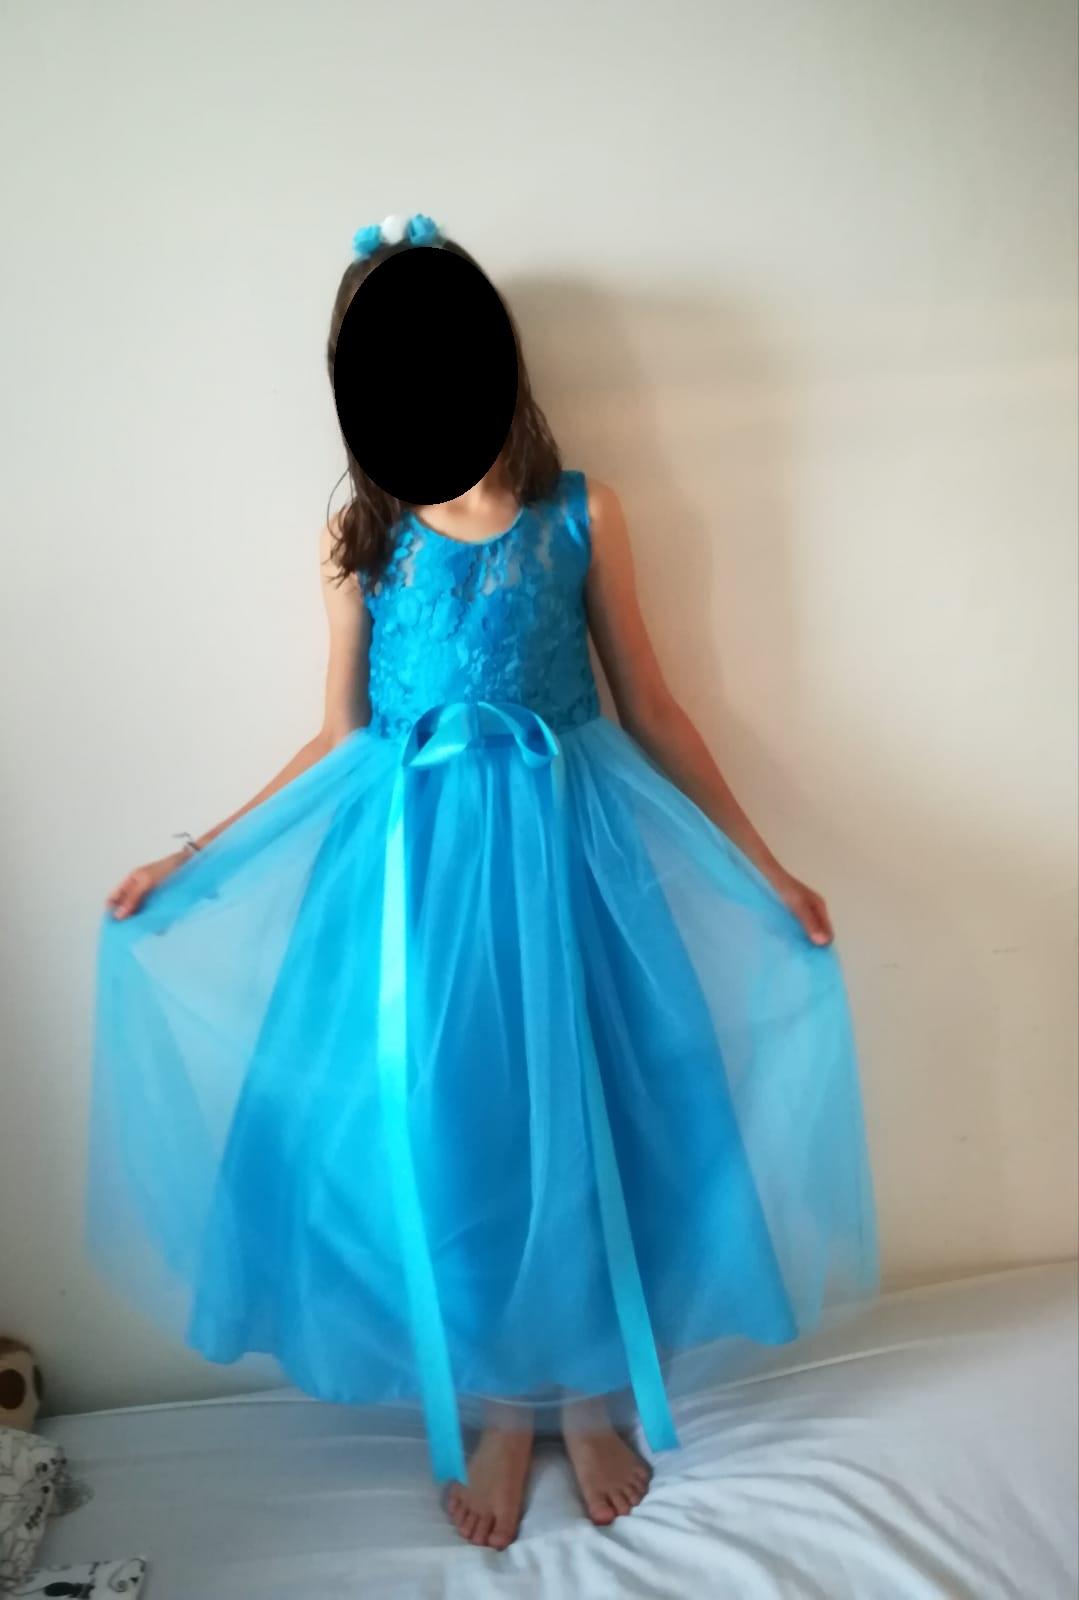 @wochomurka šaty jsem objednávala... - Obrázek č. 2